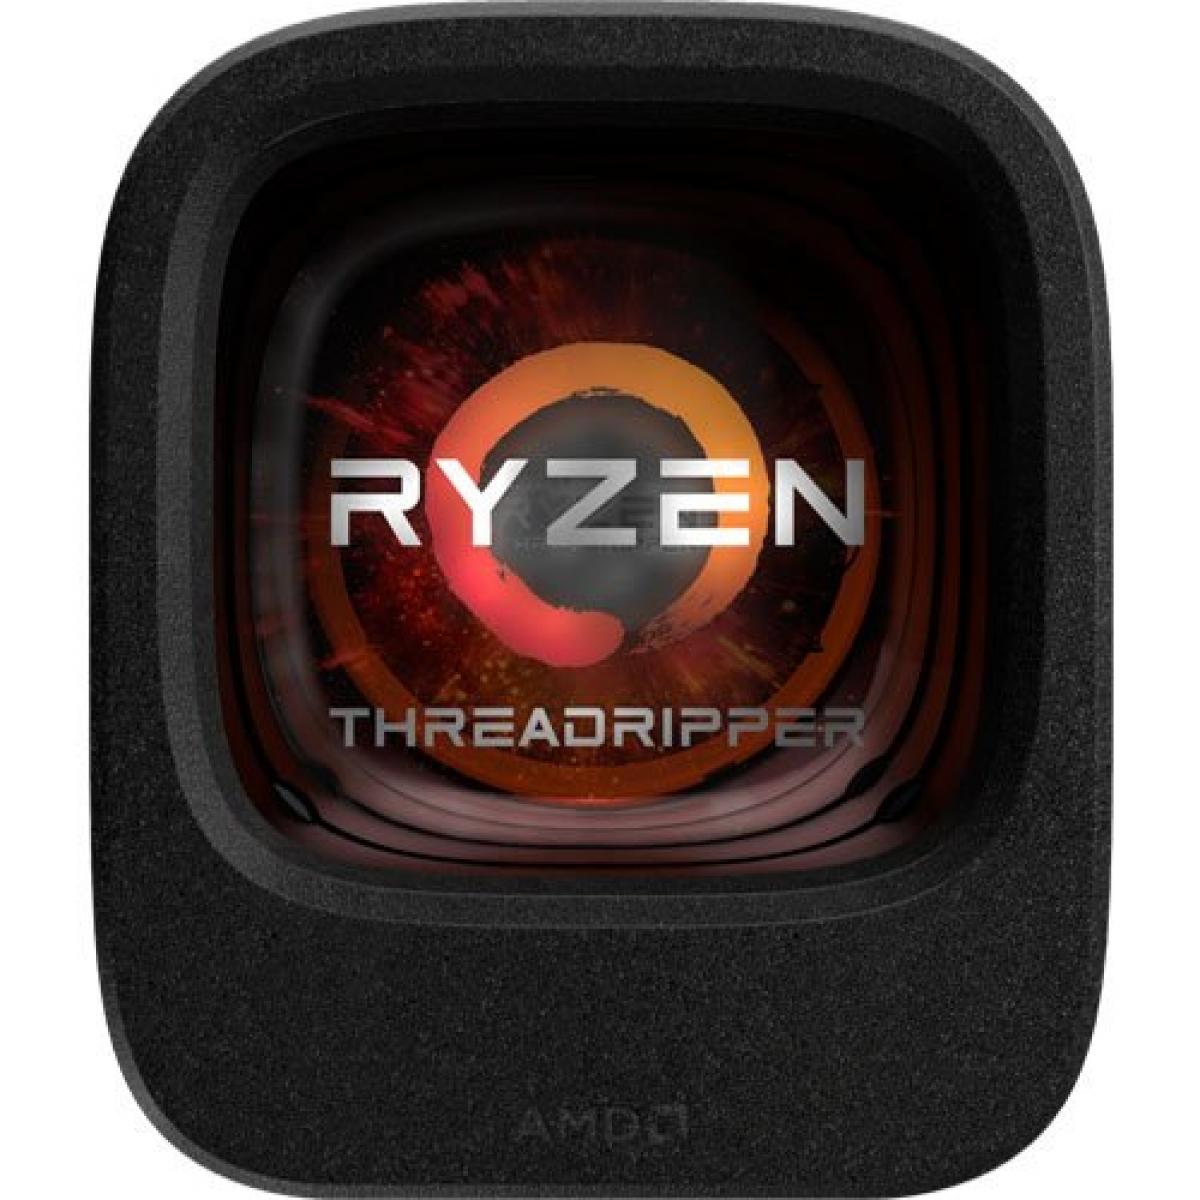 Processador AMD Ryzen Threadripper 1920X 3.5GHz (4.0GHz Turbo), 12-Core 24-Thread, TR4, YD192XA8AEWOF